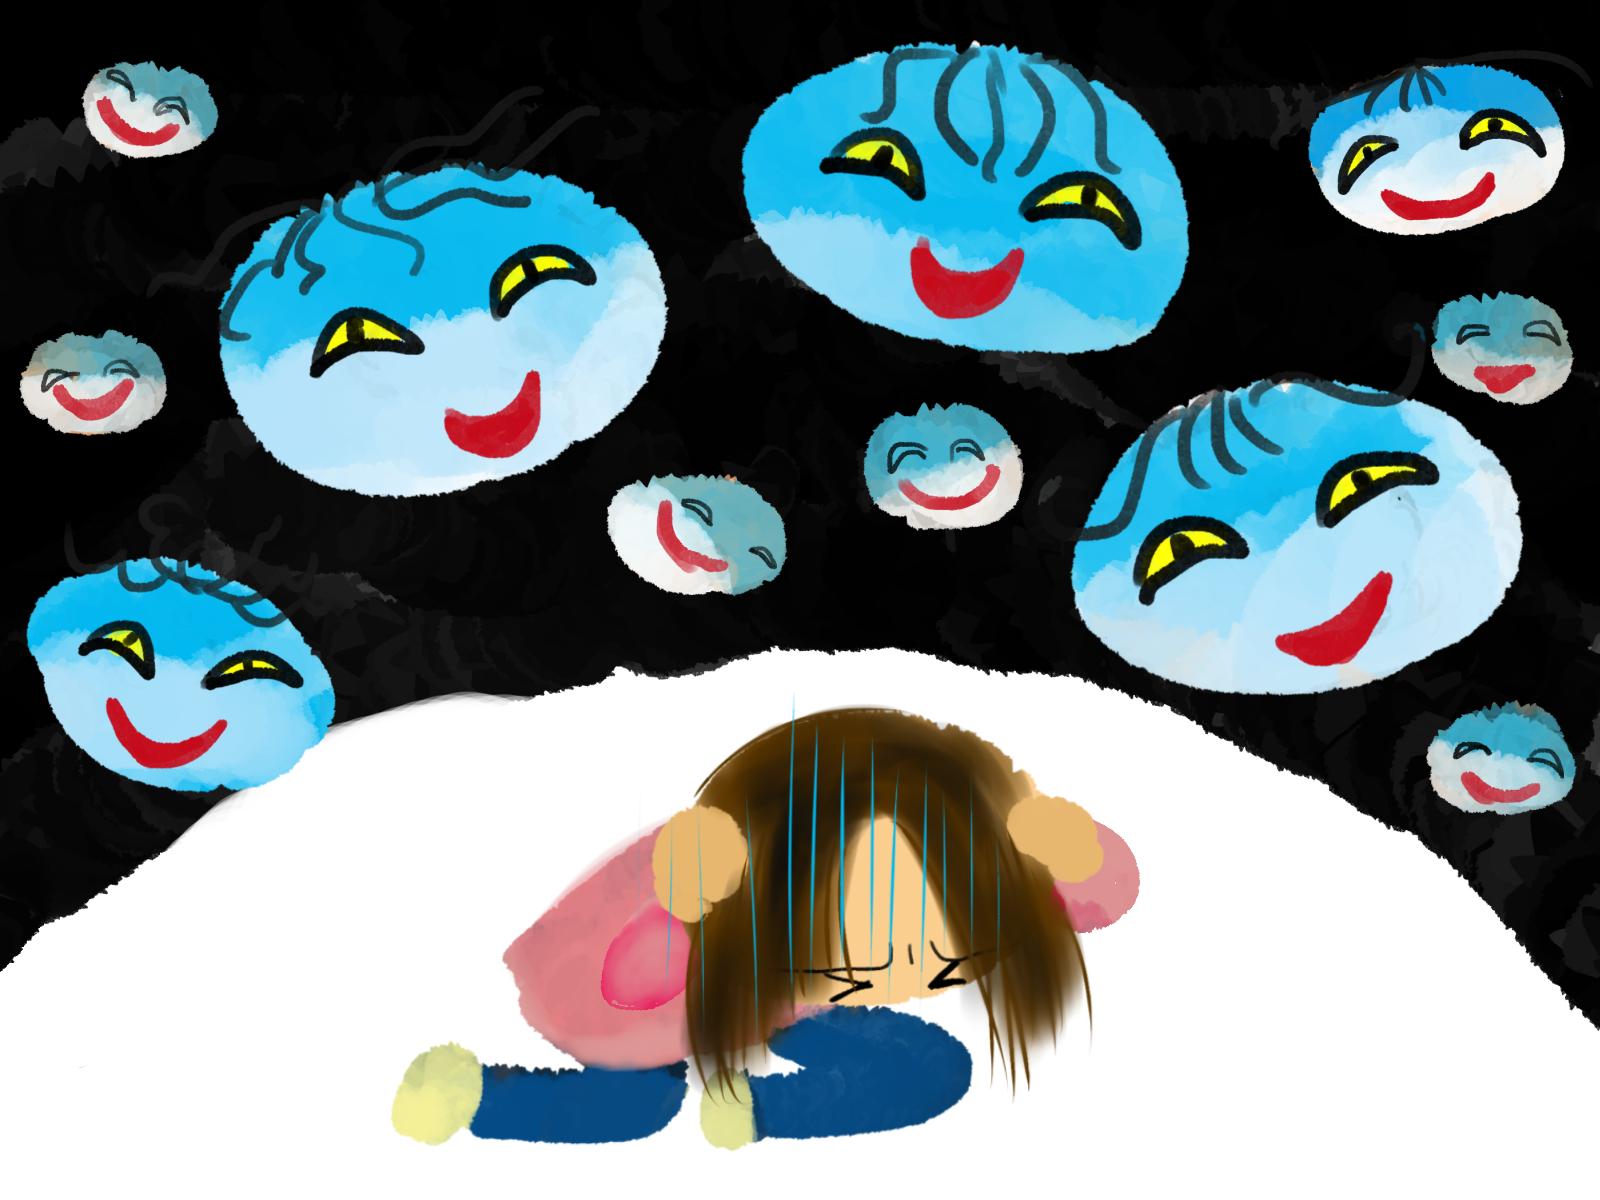 発達障害を抱える中学生の治療実例(二次障害による統合失調症)